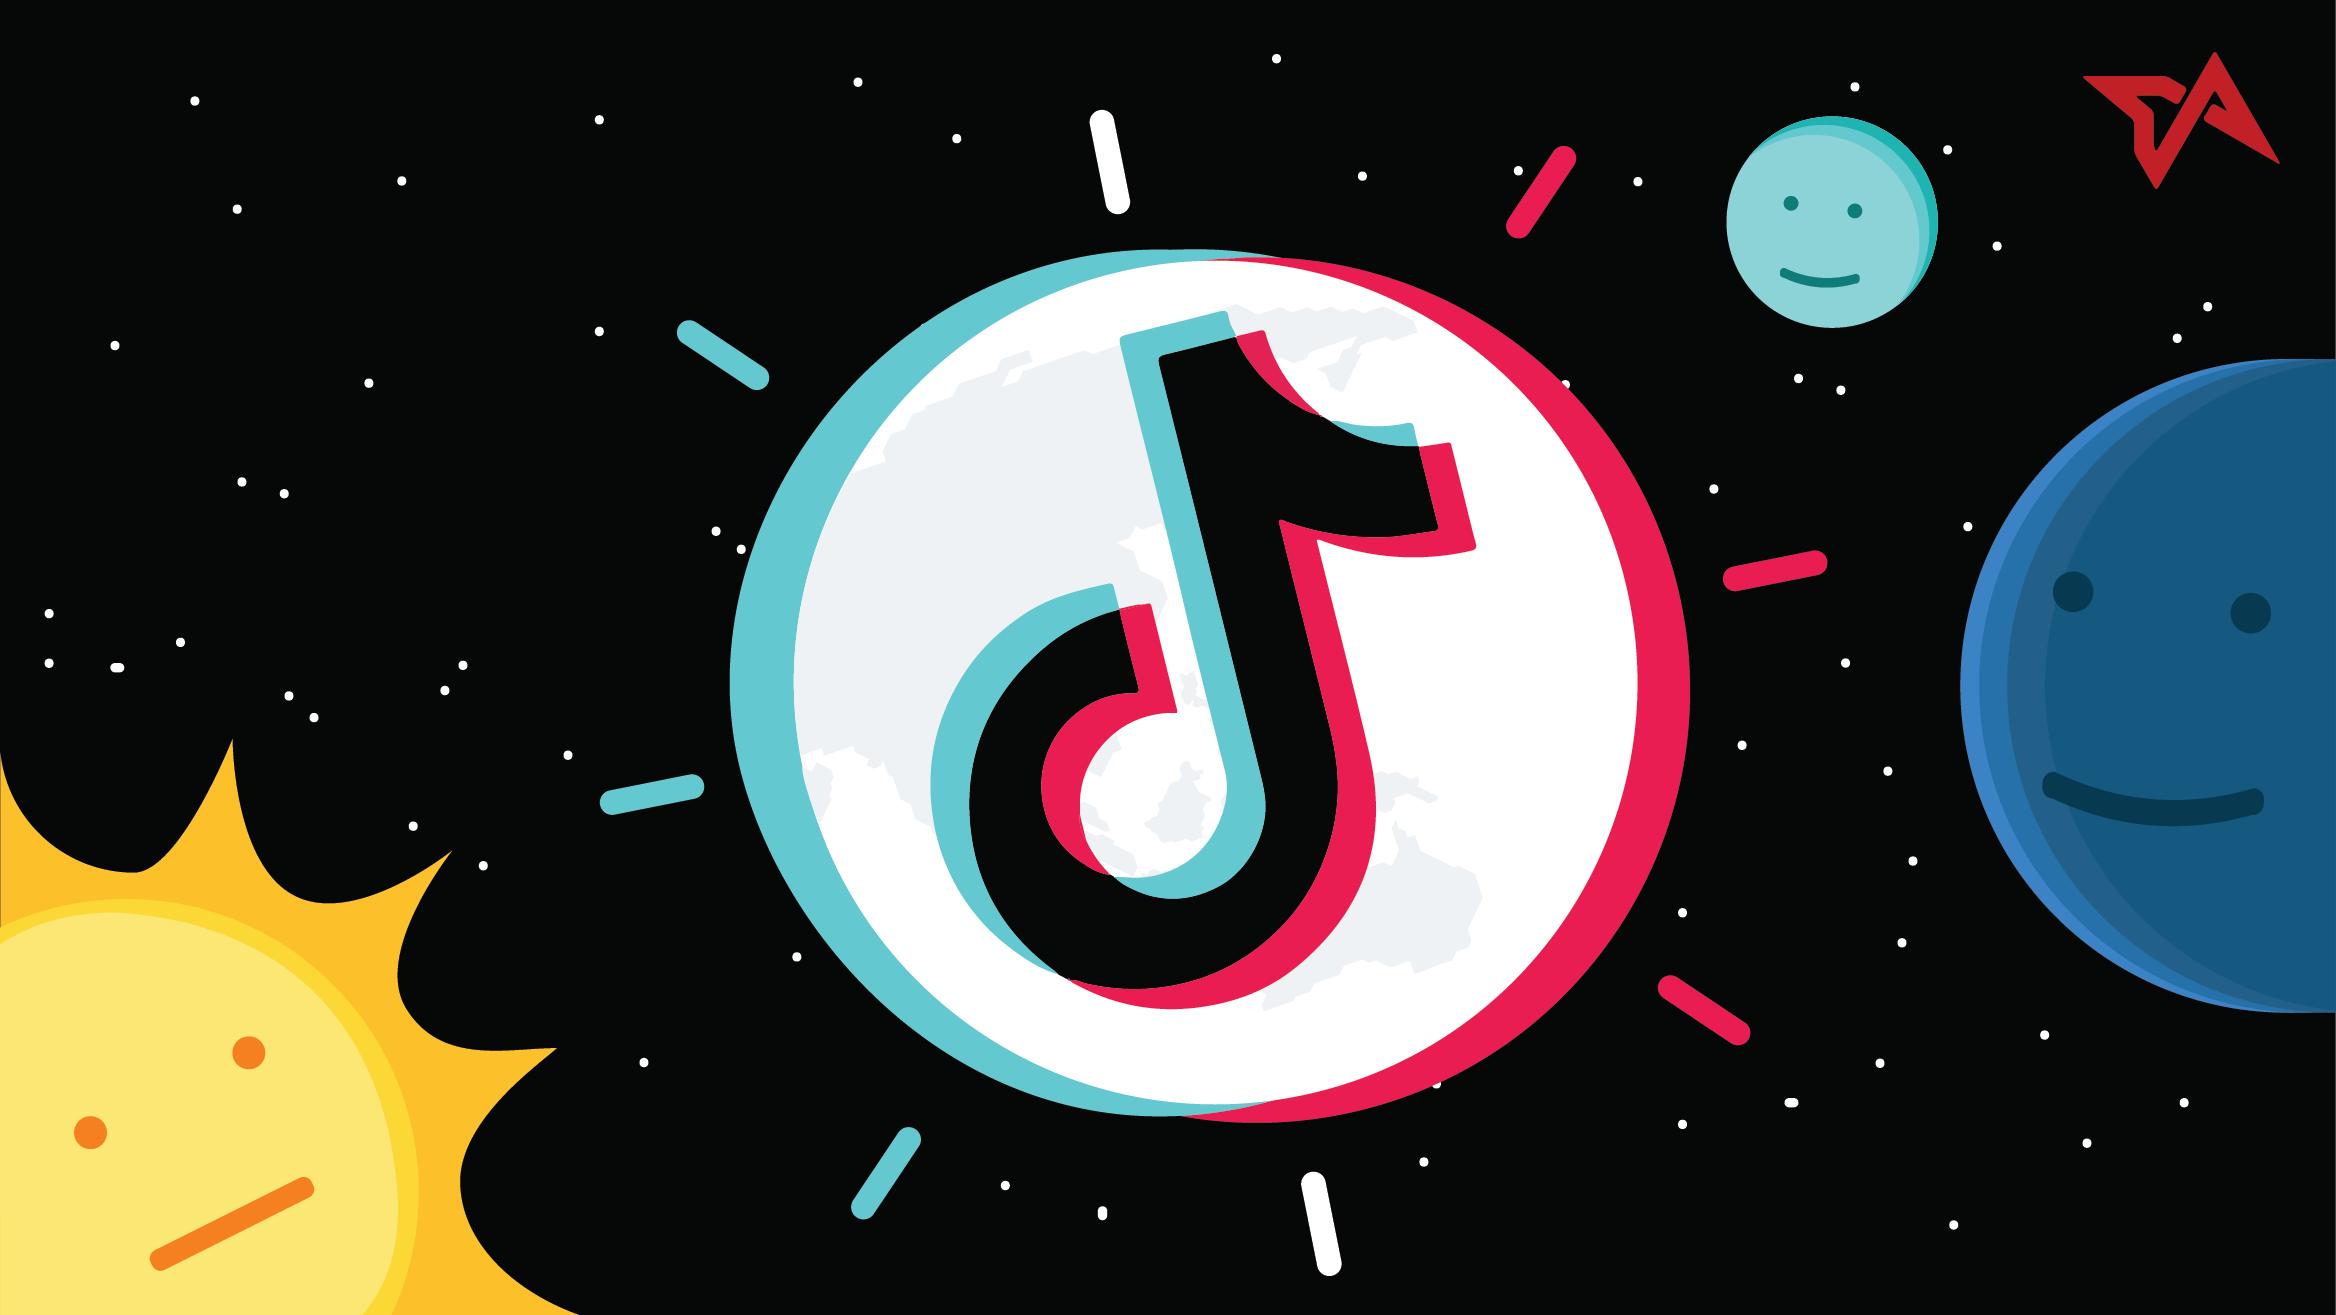 Logotipo de la plataforma de videos breves TikTok